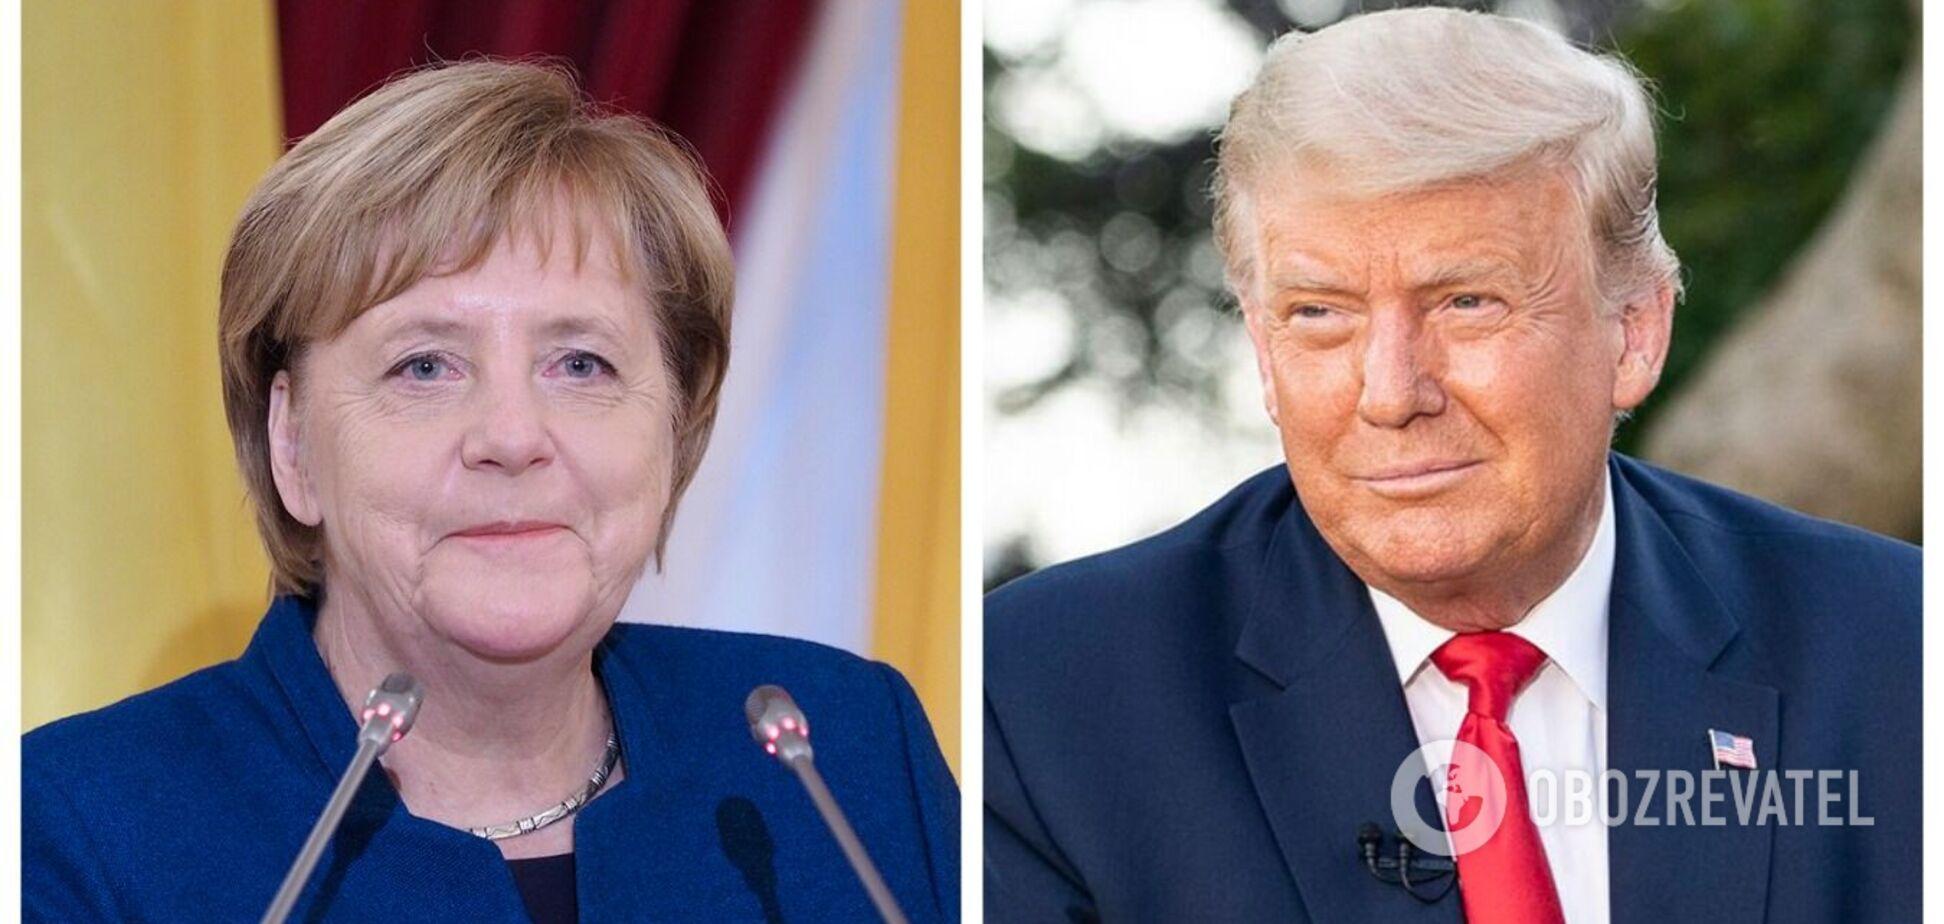 Як виглядали Меркель, Трамп, Макрон і Байден у 90-х. Фото